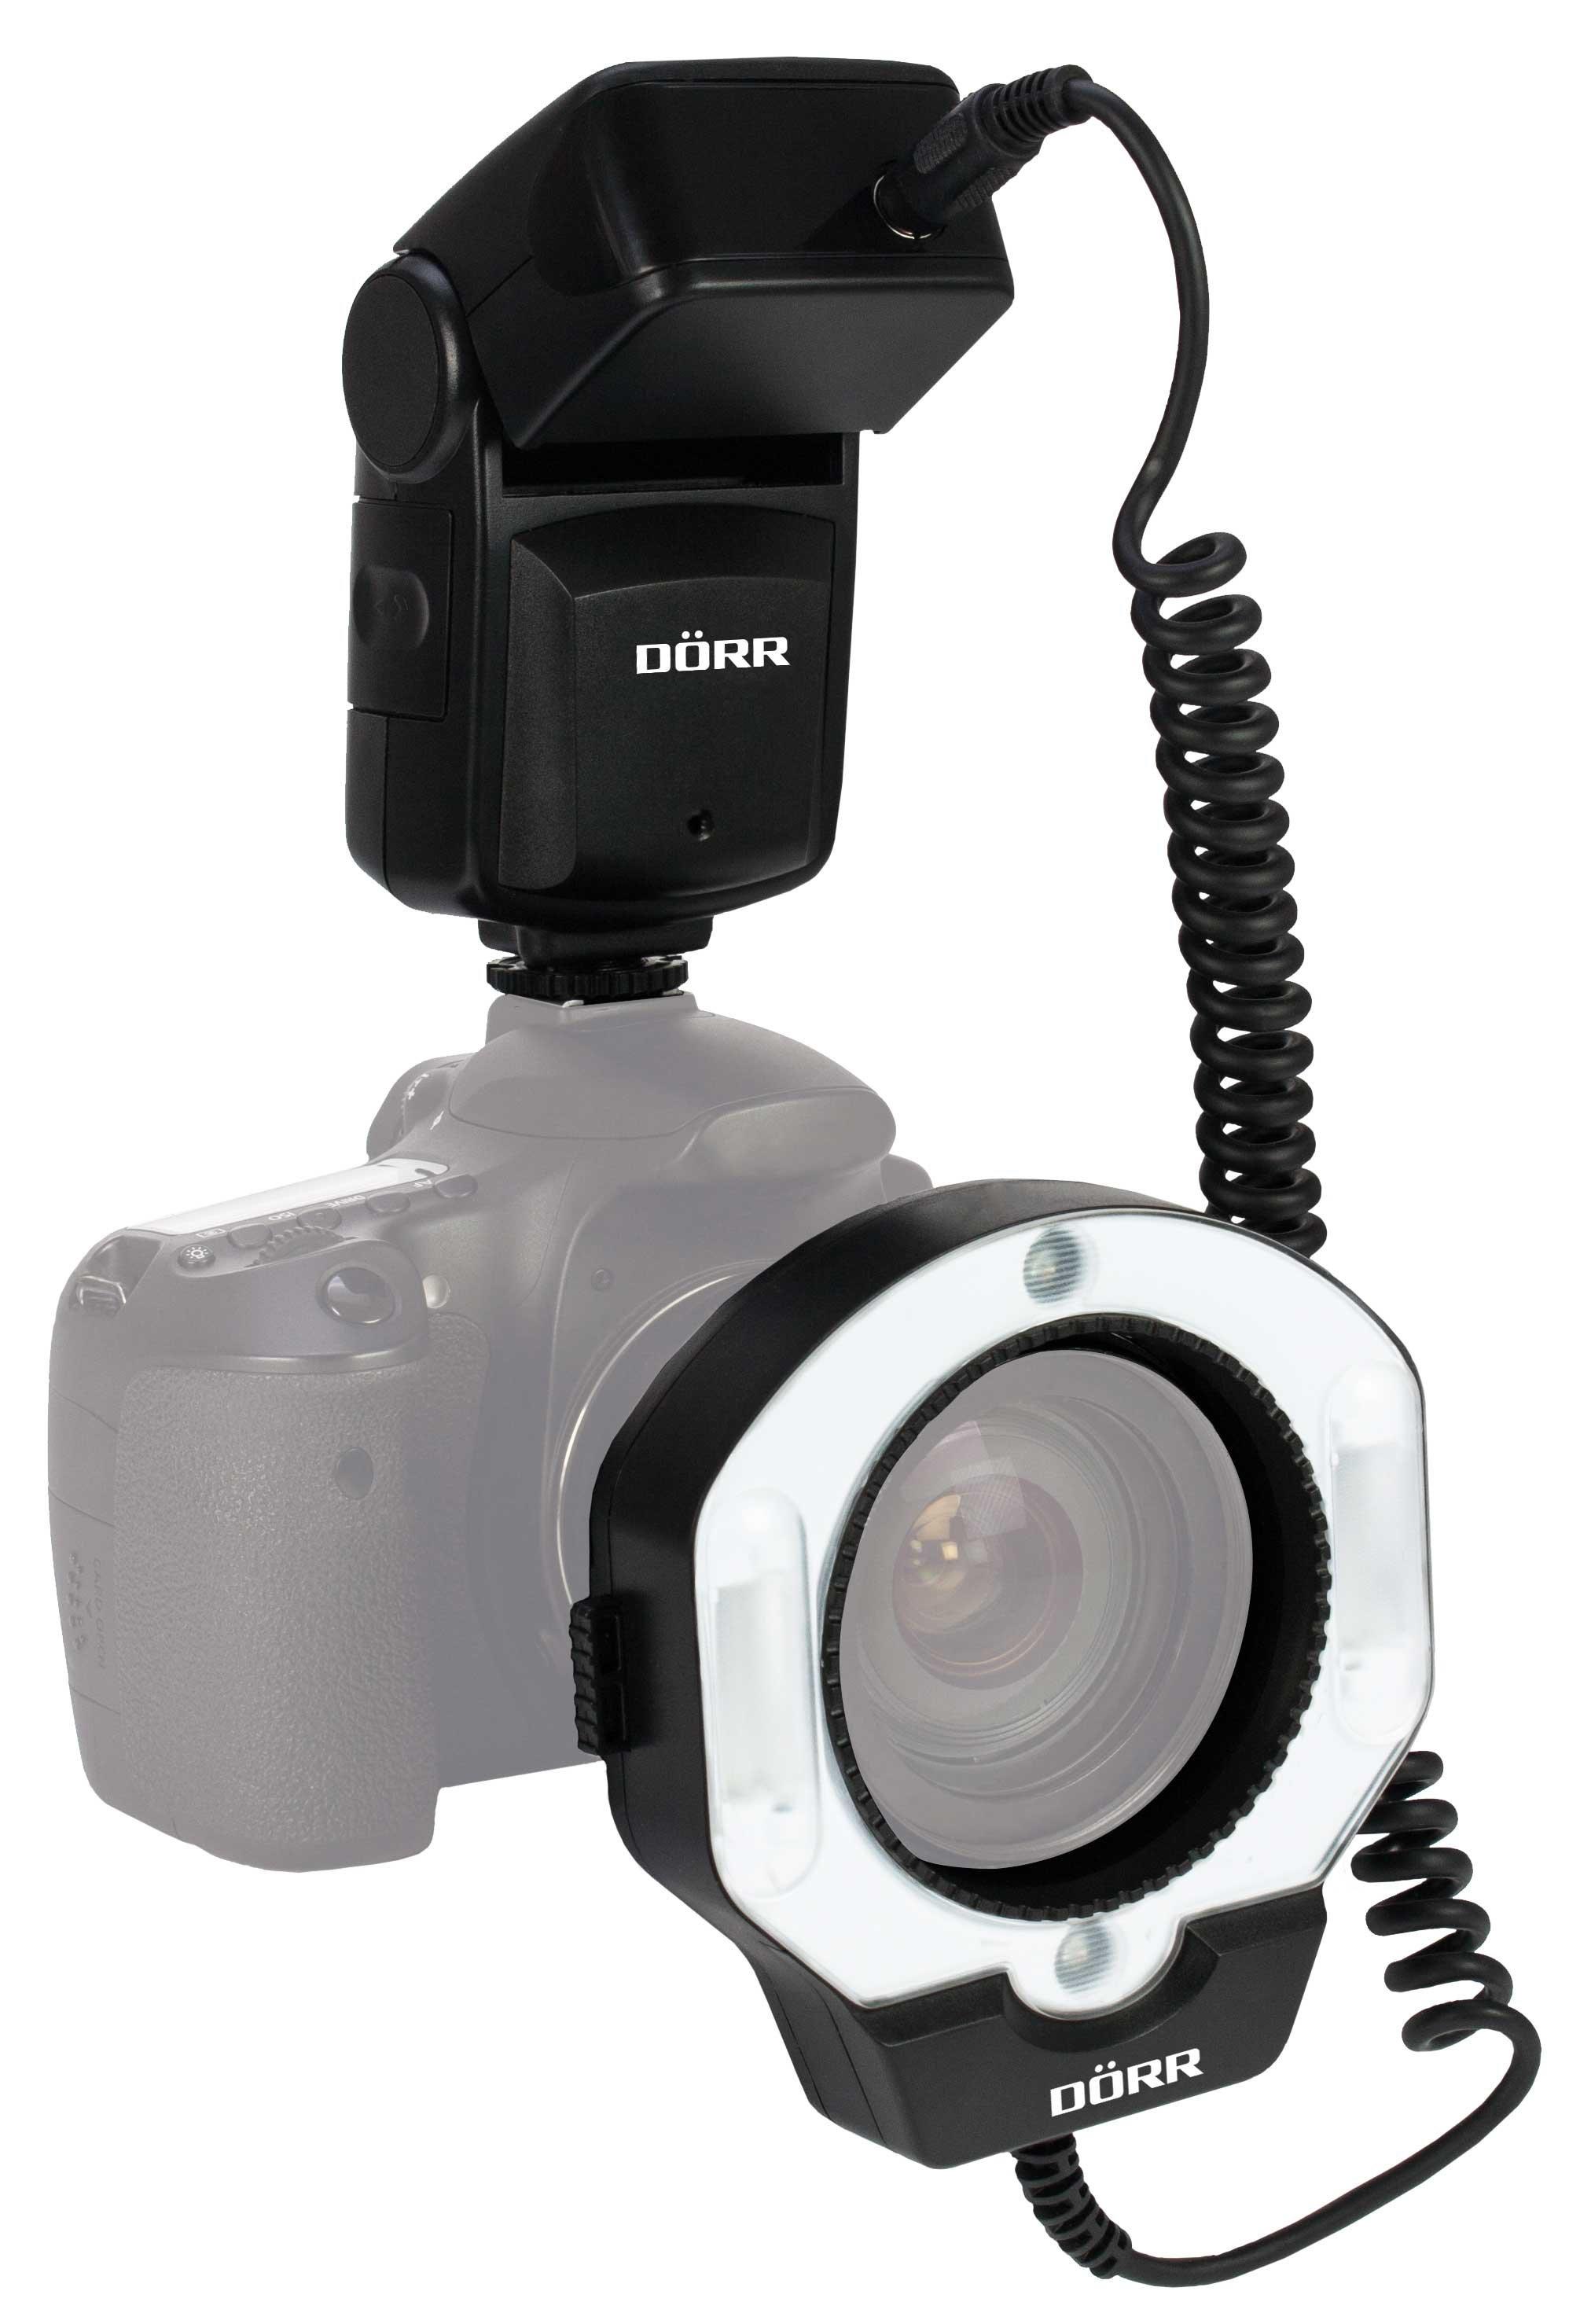 DORR makroblesk DMF-15 TTL pro Sony